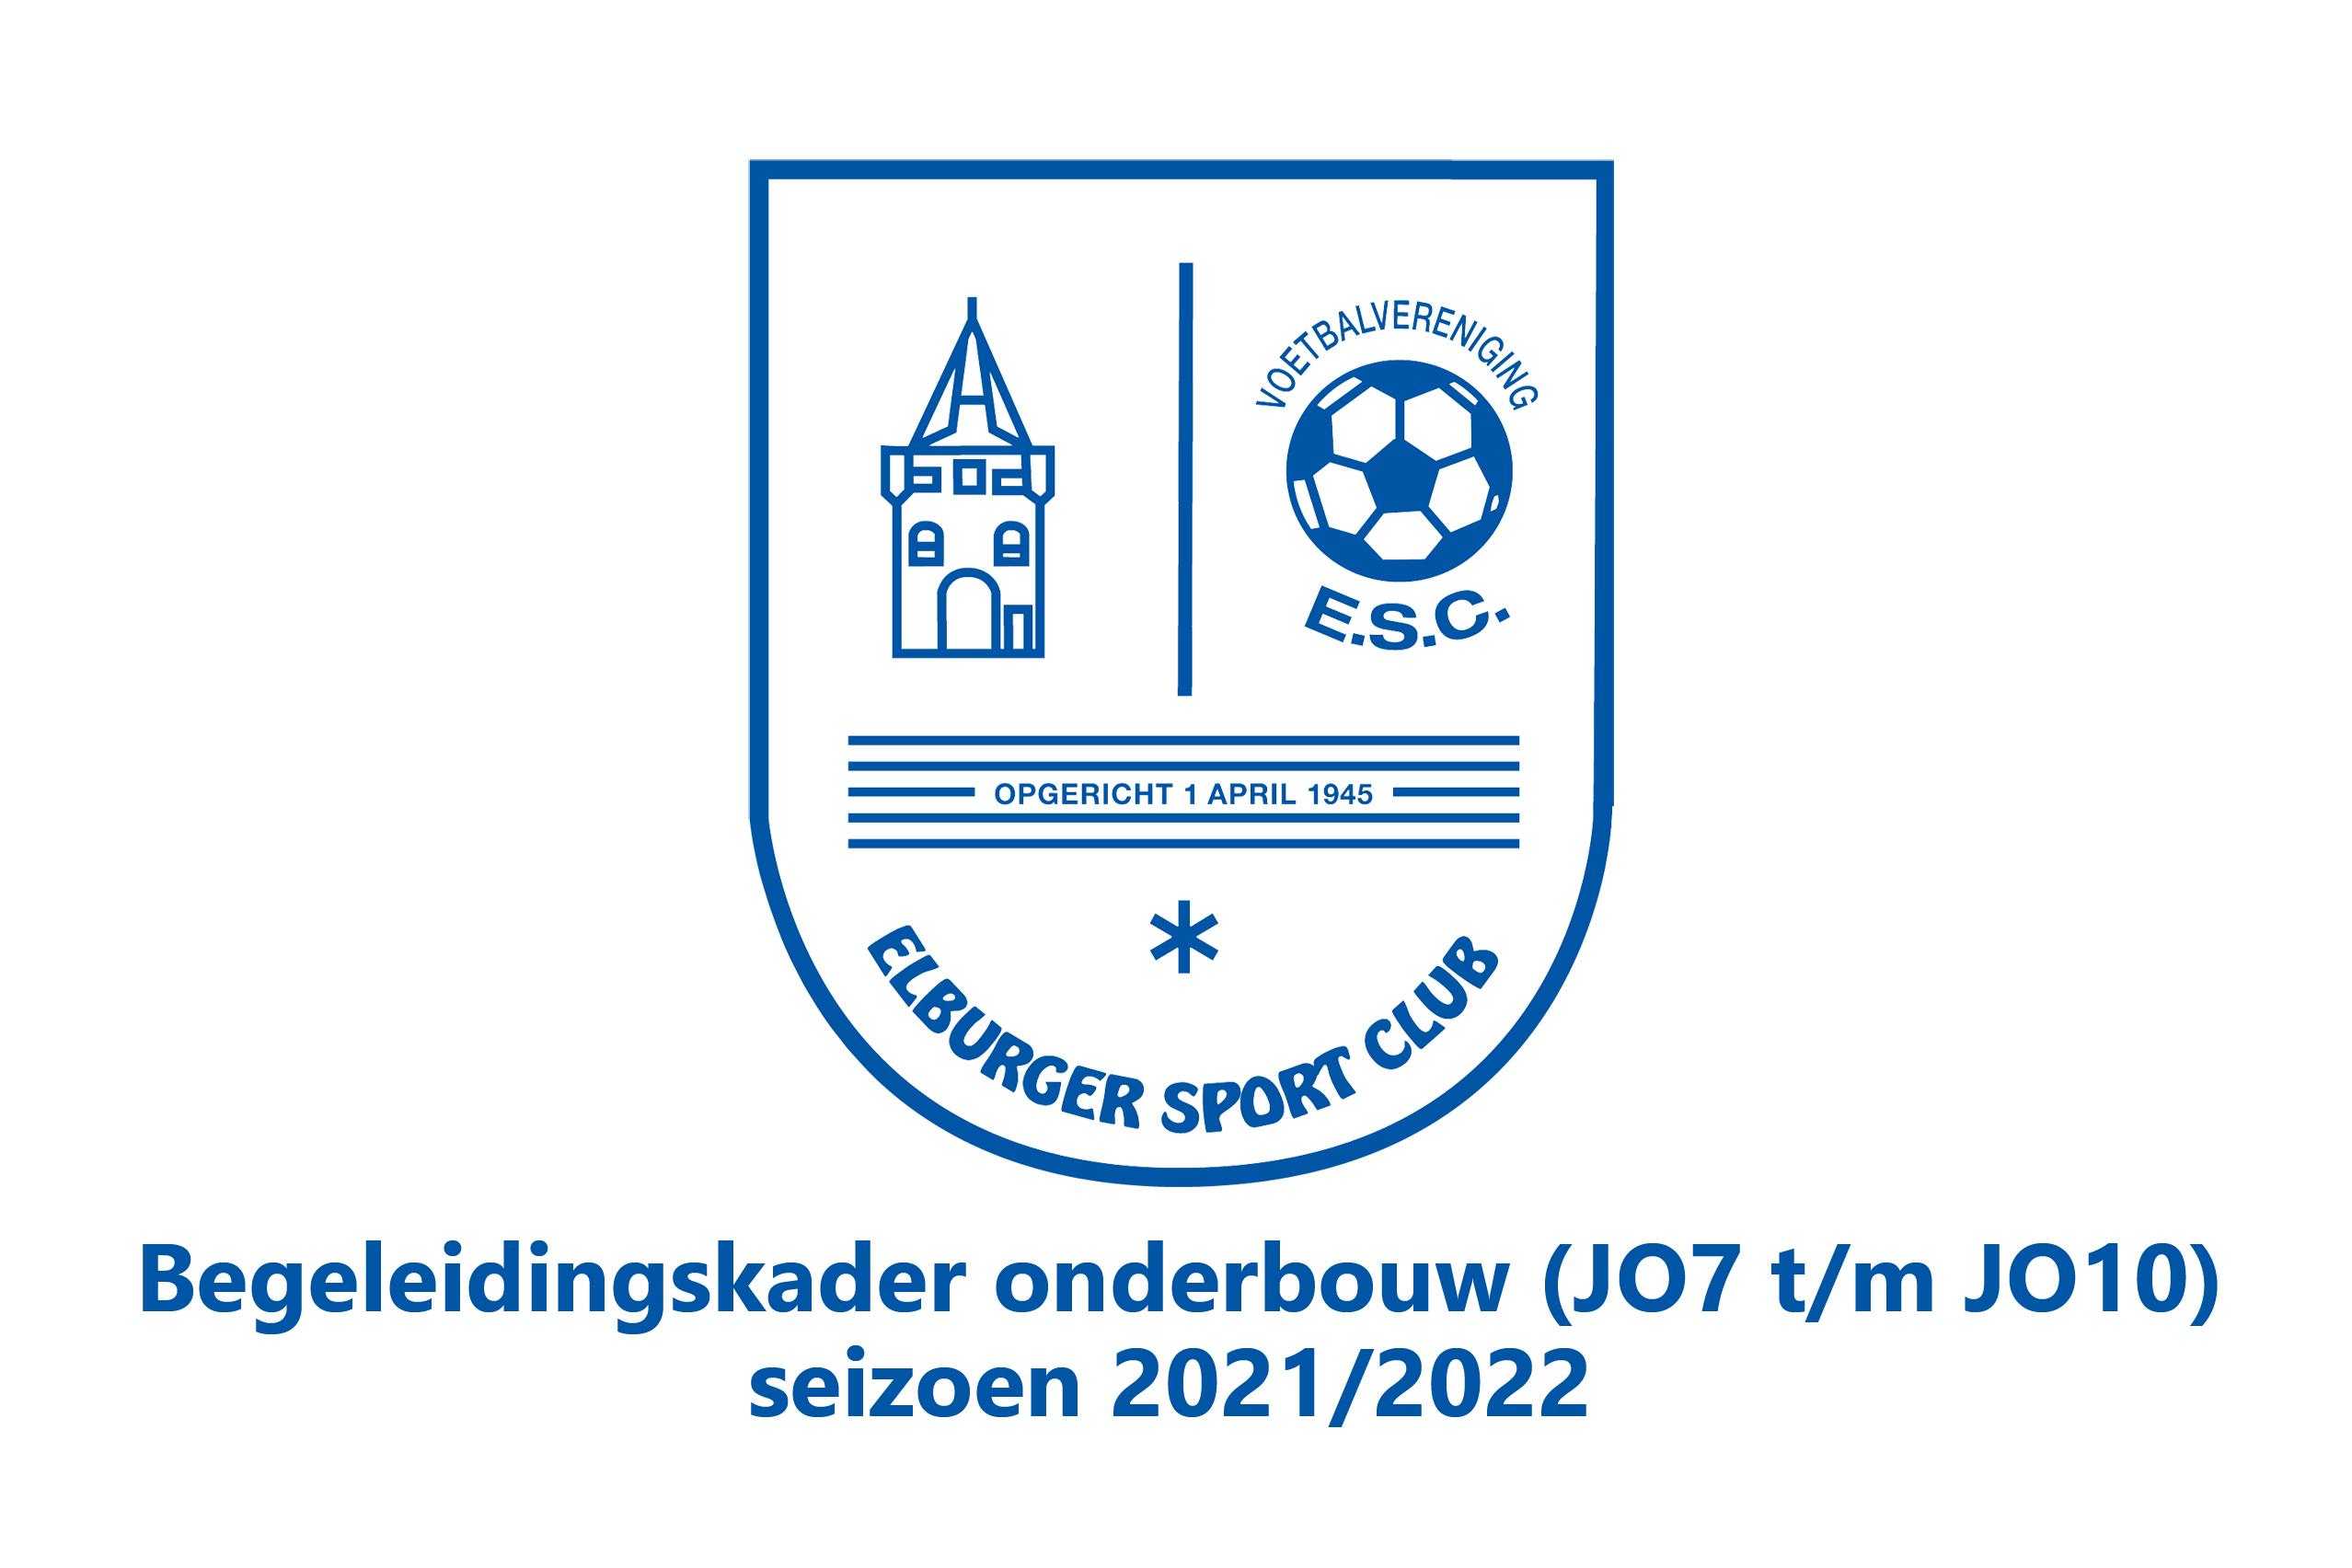 ElburgerSC - Begeleidingskader Onderbouw (JO7 t/m JO10) voor seizoen 2021/2022 bekend!